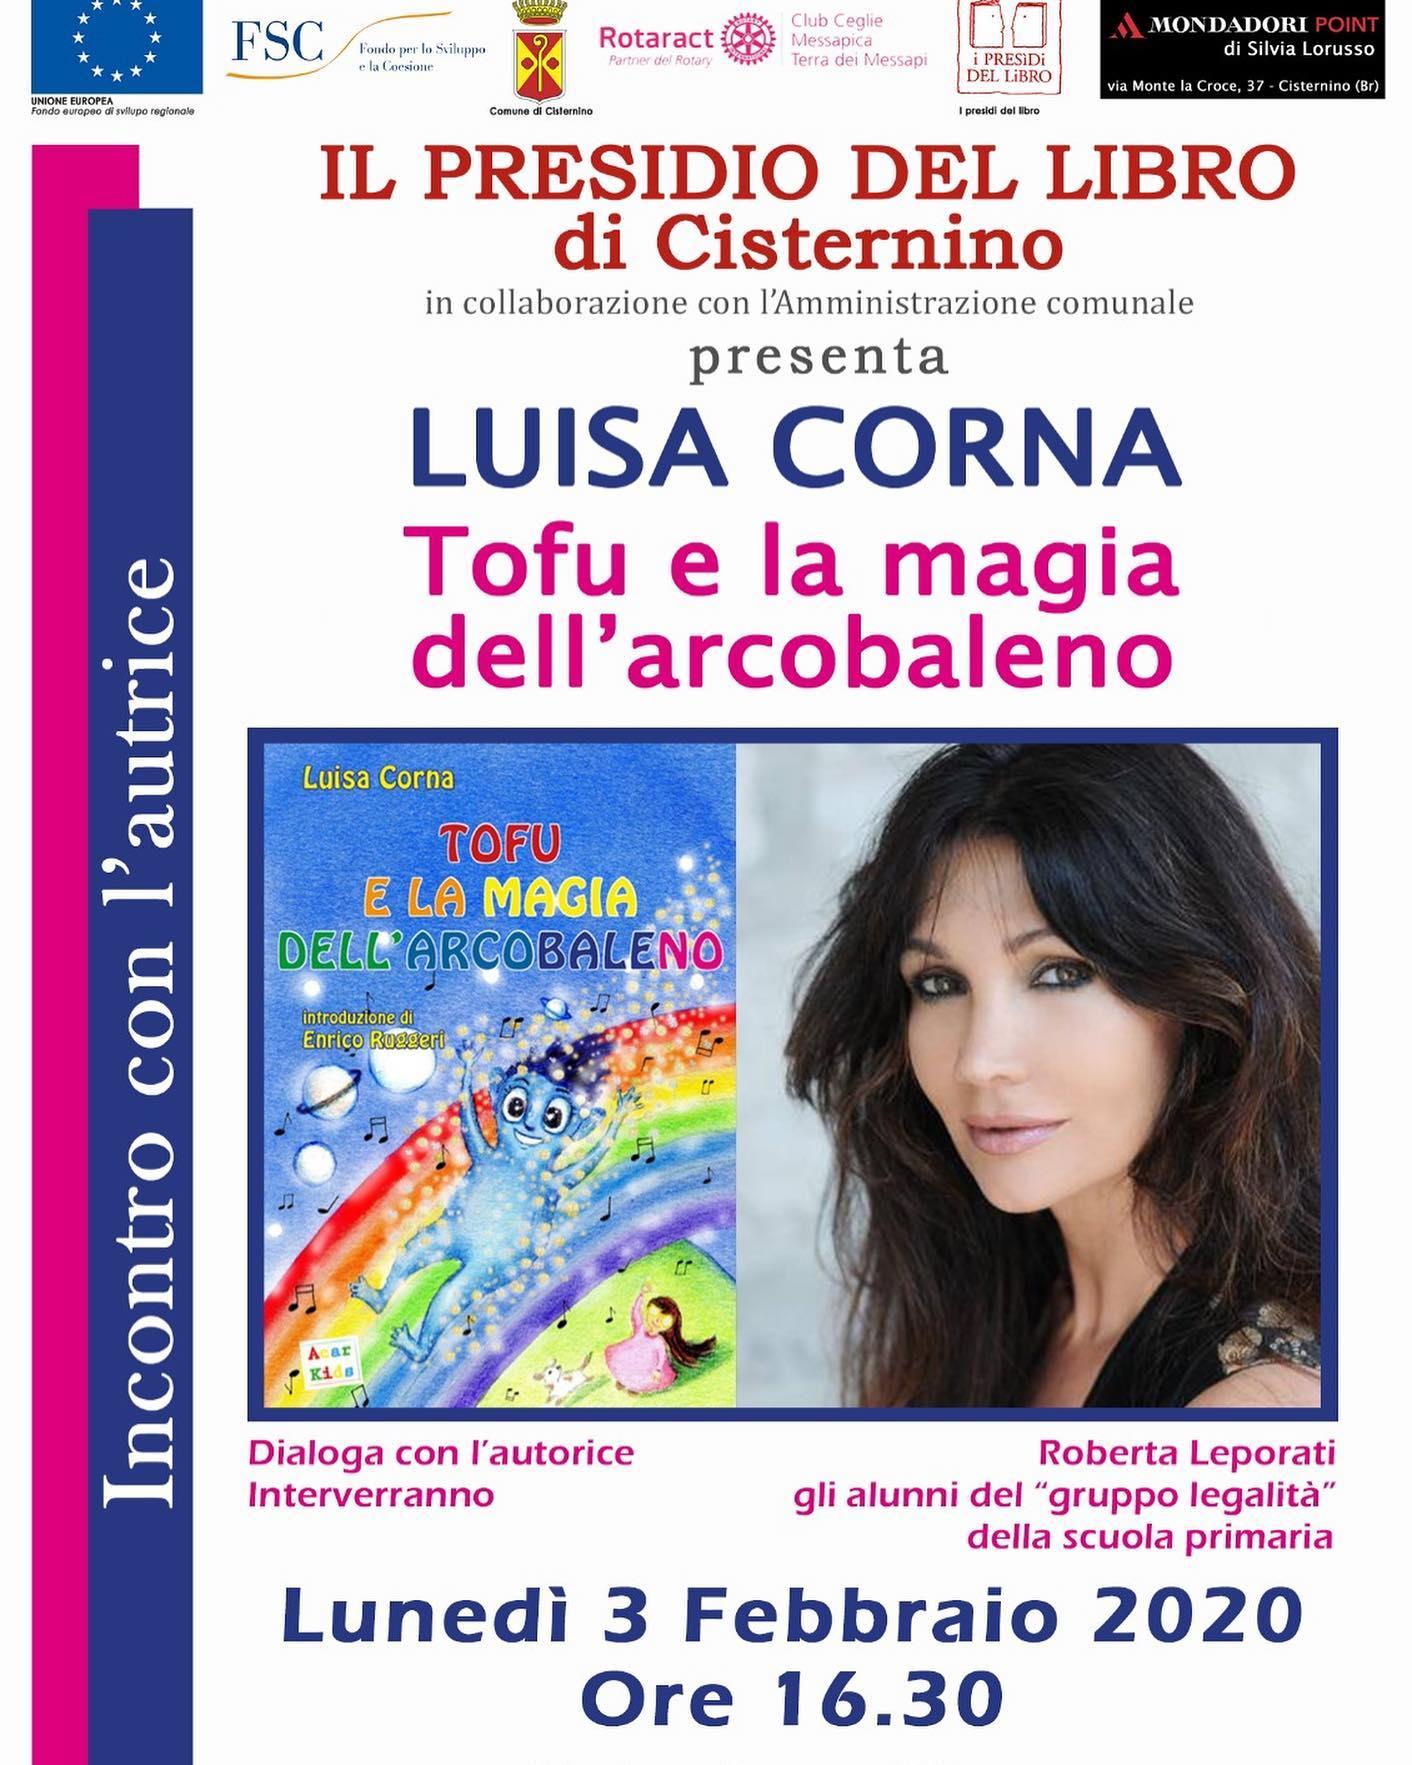 """3 FEBBRAIO 2020 PRESENTAZIONE DEL LIBRO MUSICALE """"TOFU E LA MAGIA DELL'ARCOBALENO"""" A CISTERNINO PUGLIA"""